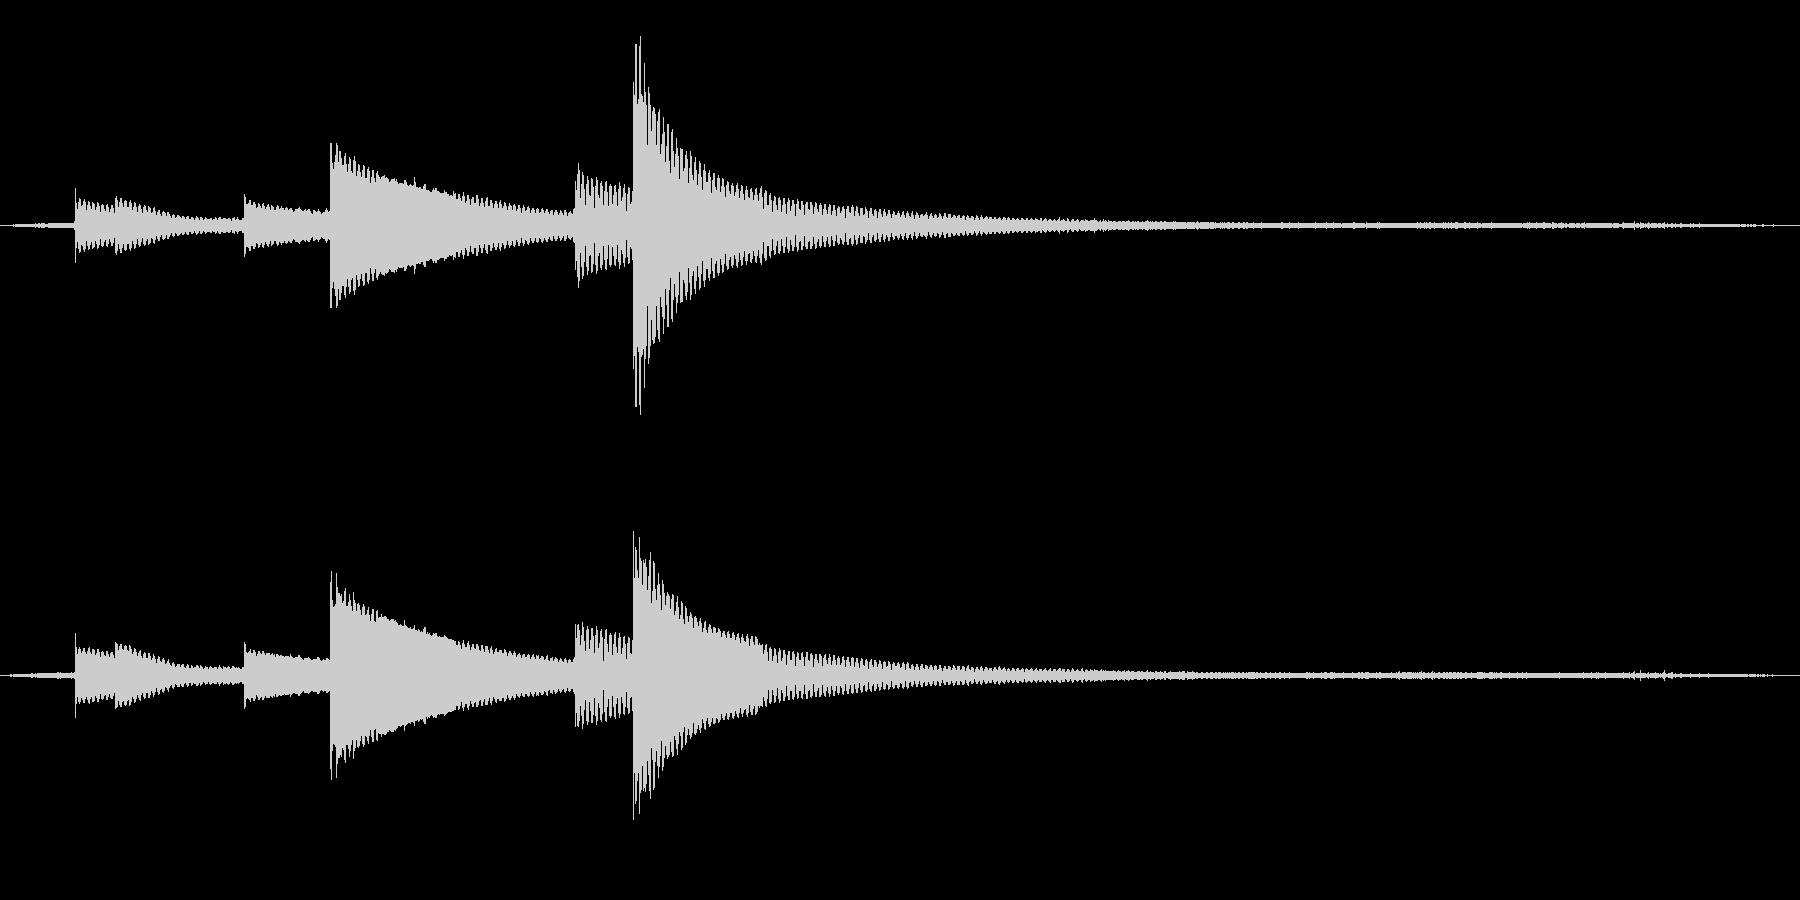 風鈴と鳥と虫の音 02の未再生の波形